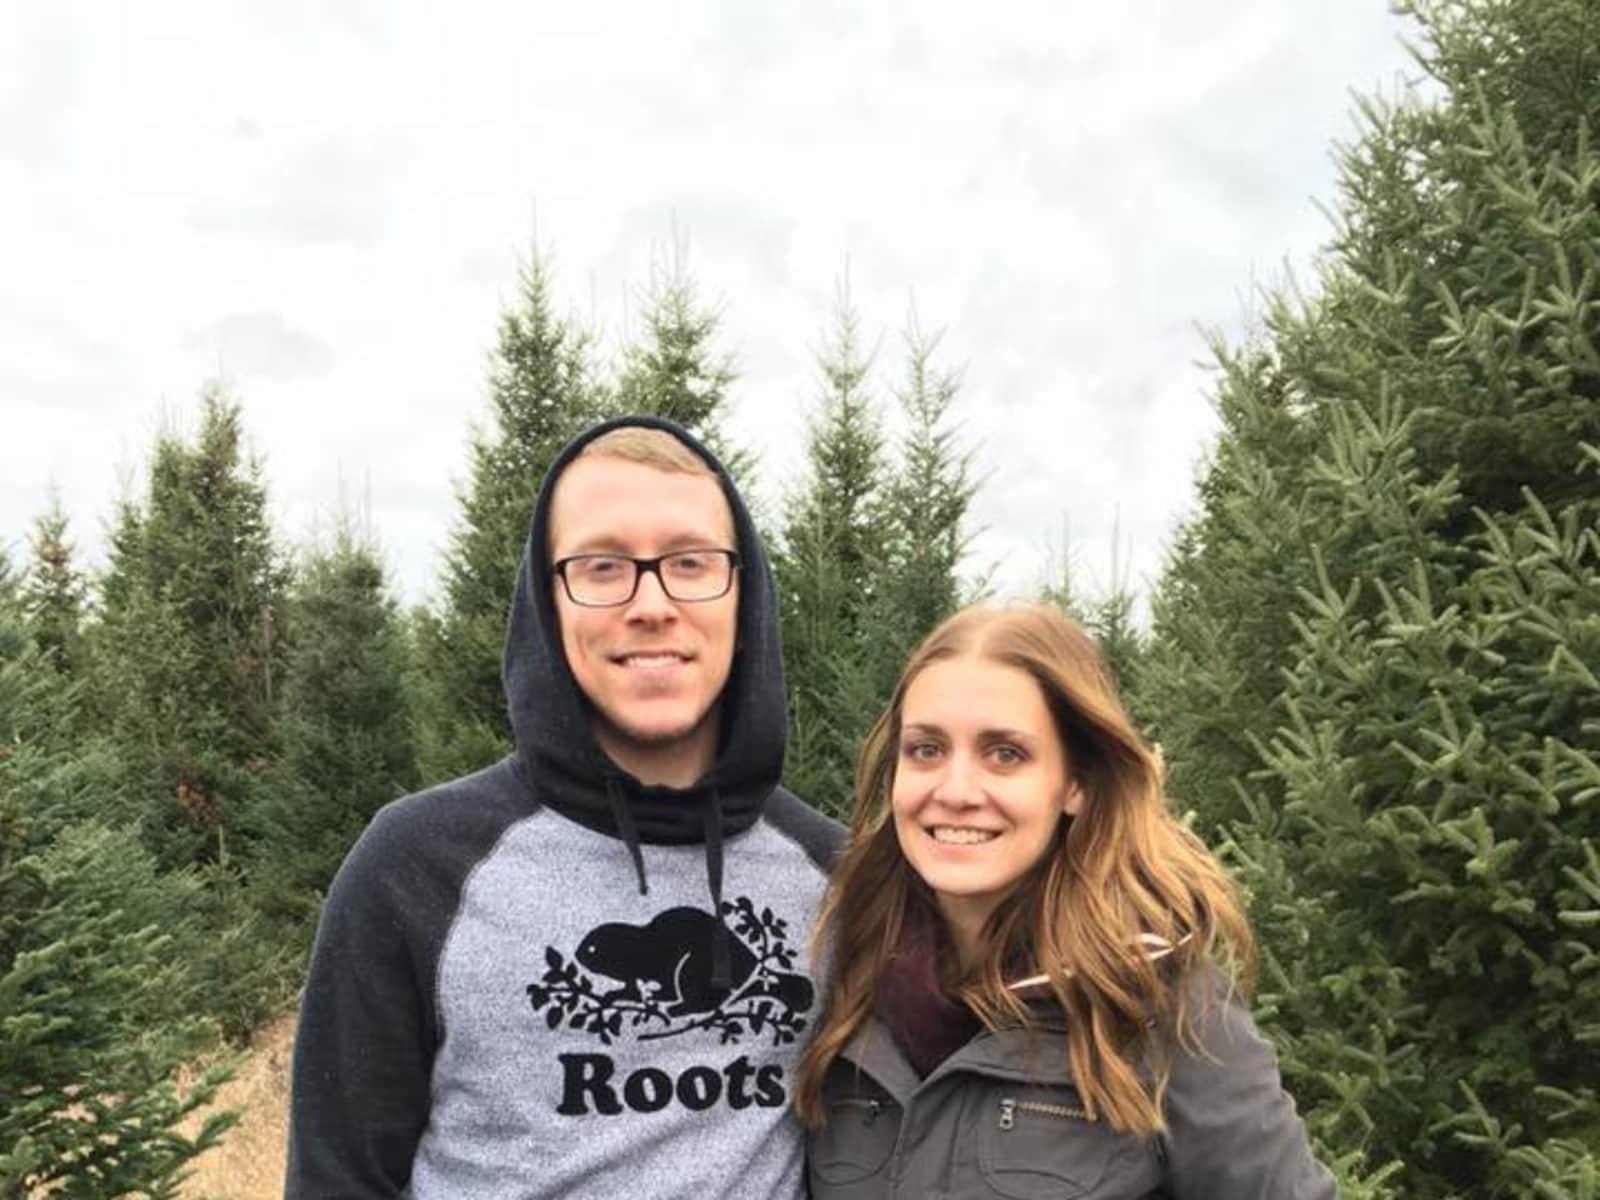 Mackenzie & Ryan from Dublin, Ireland